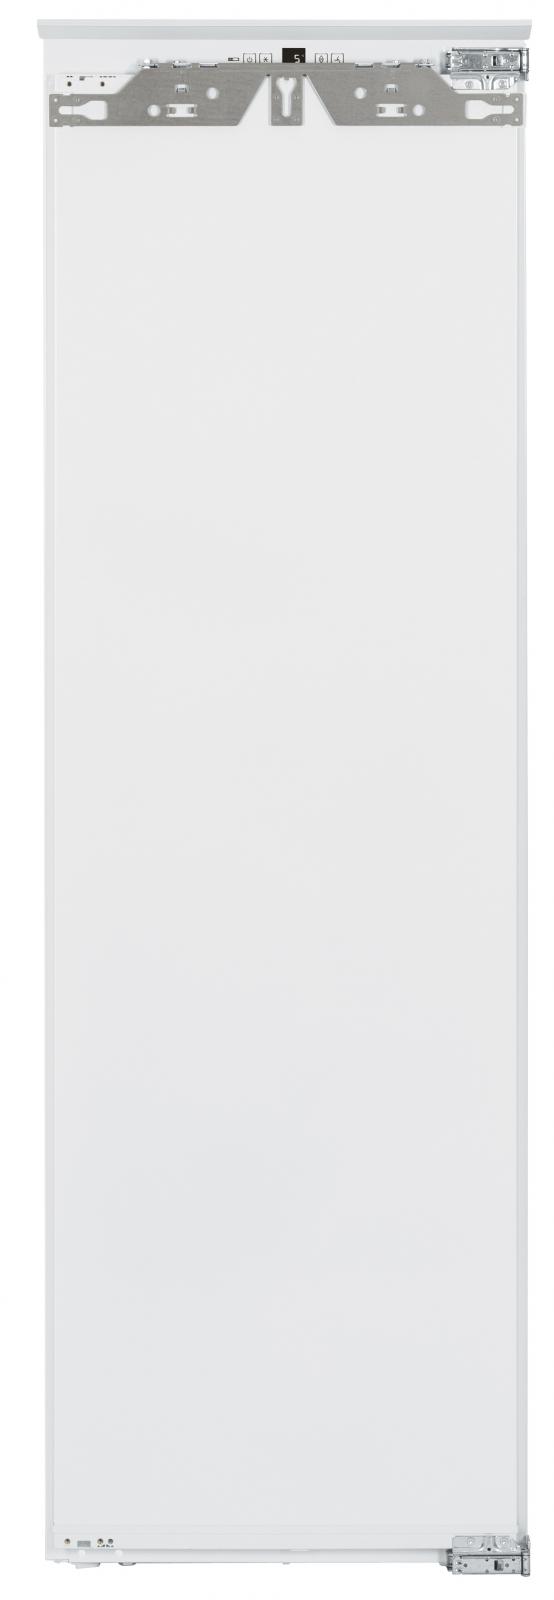 купить Встраиваемый однокамерный холодильник Liebherr IK 3524 Украина фото 1